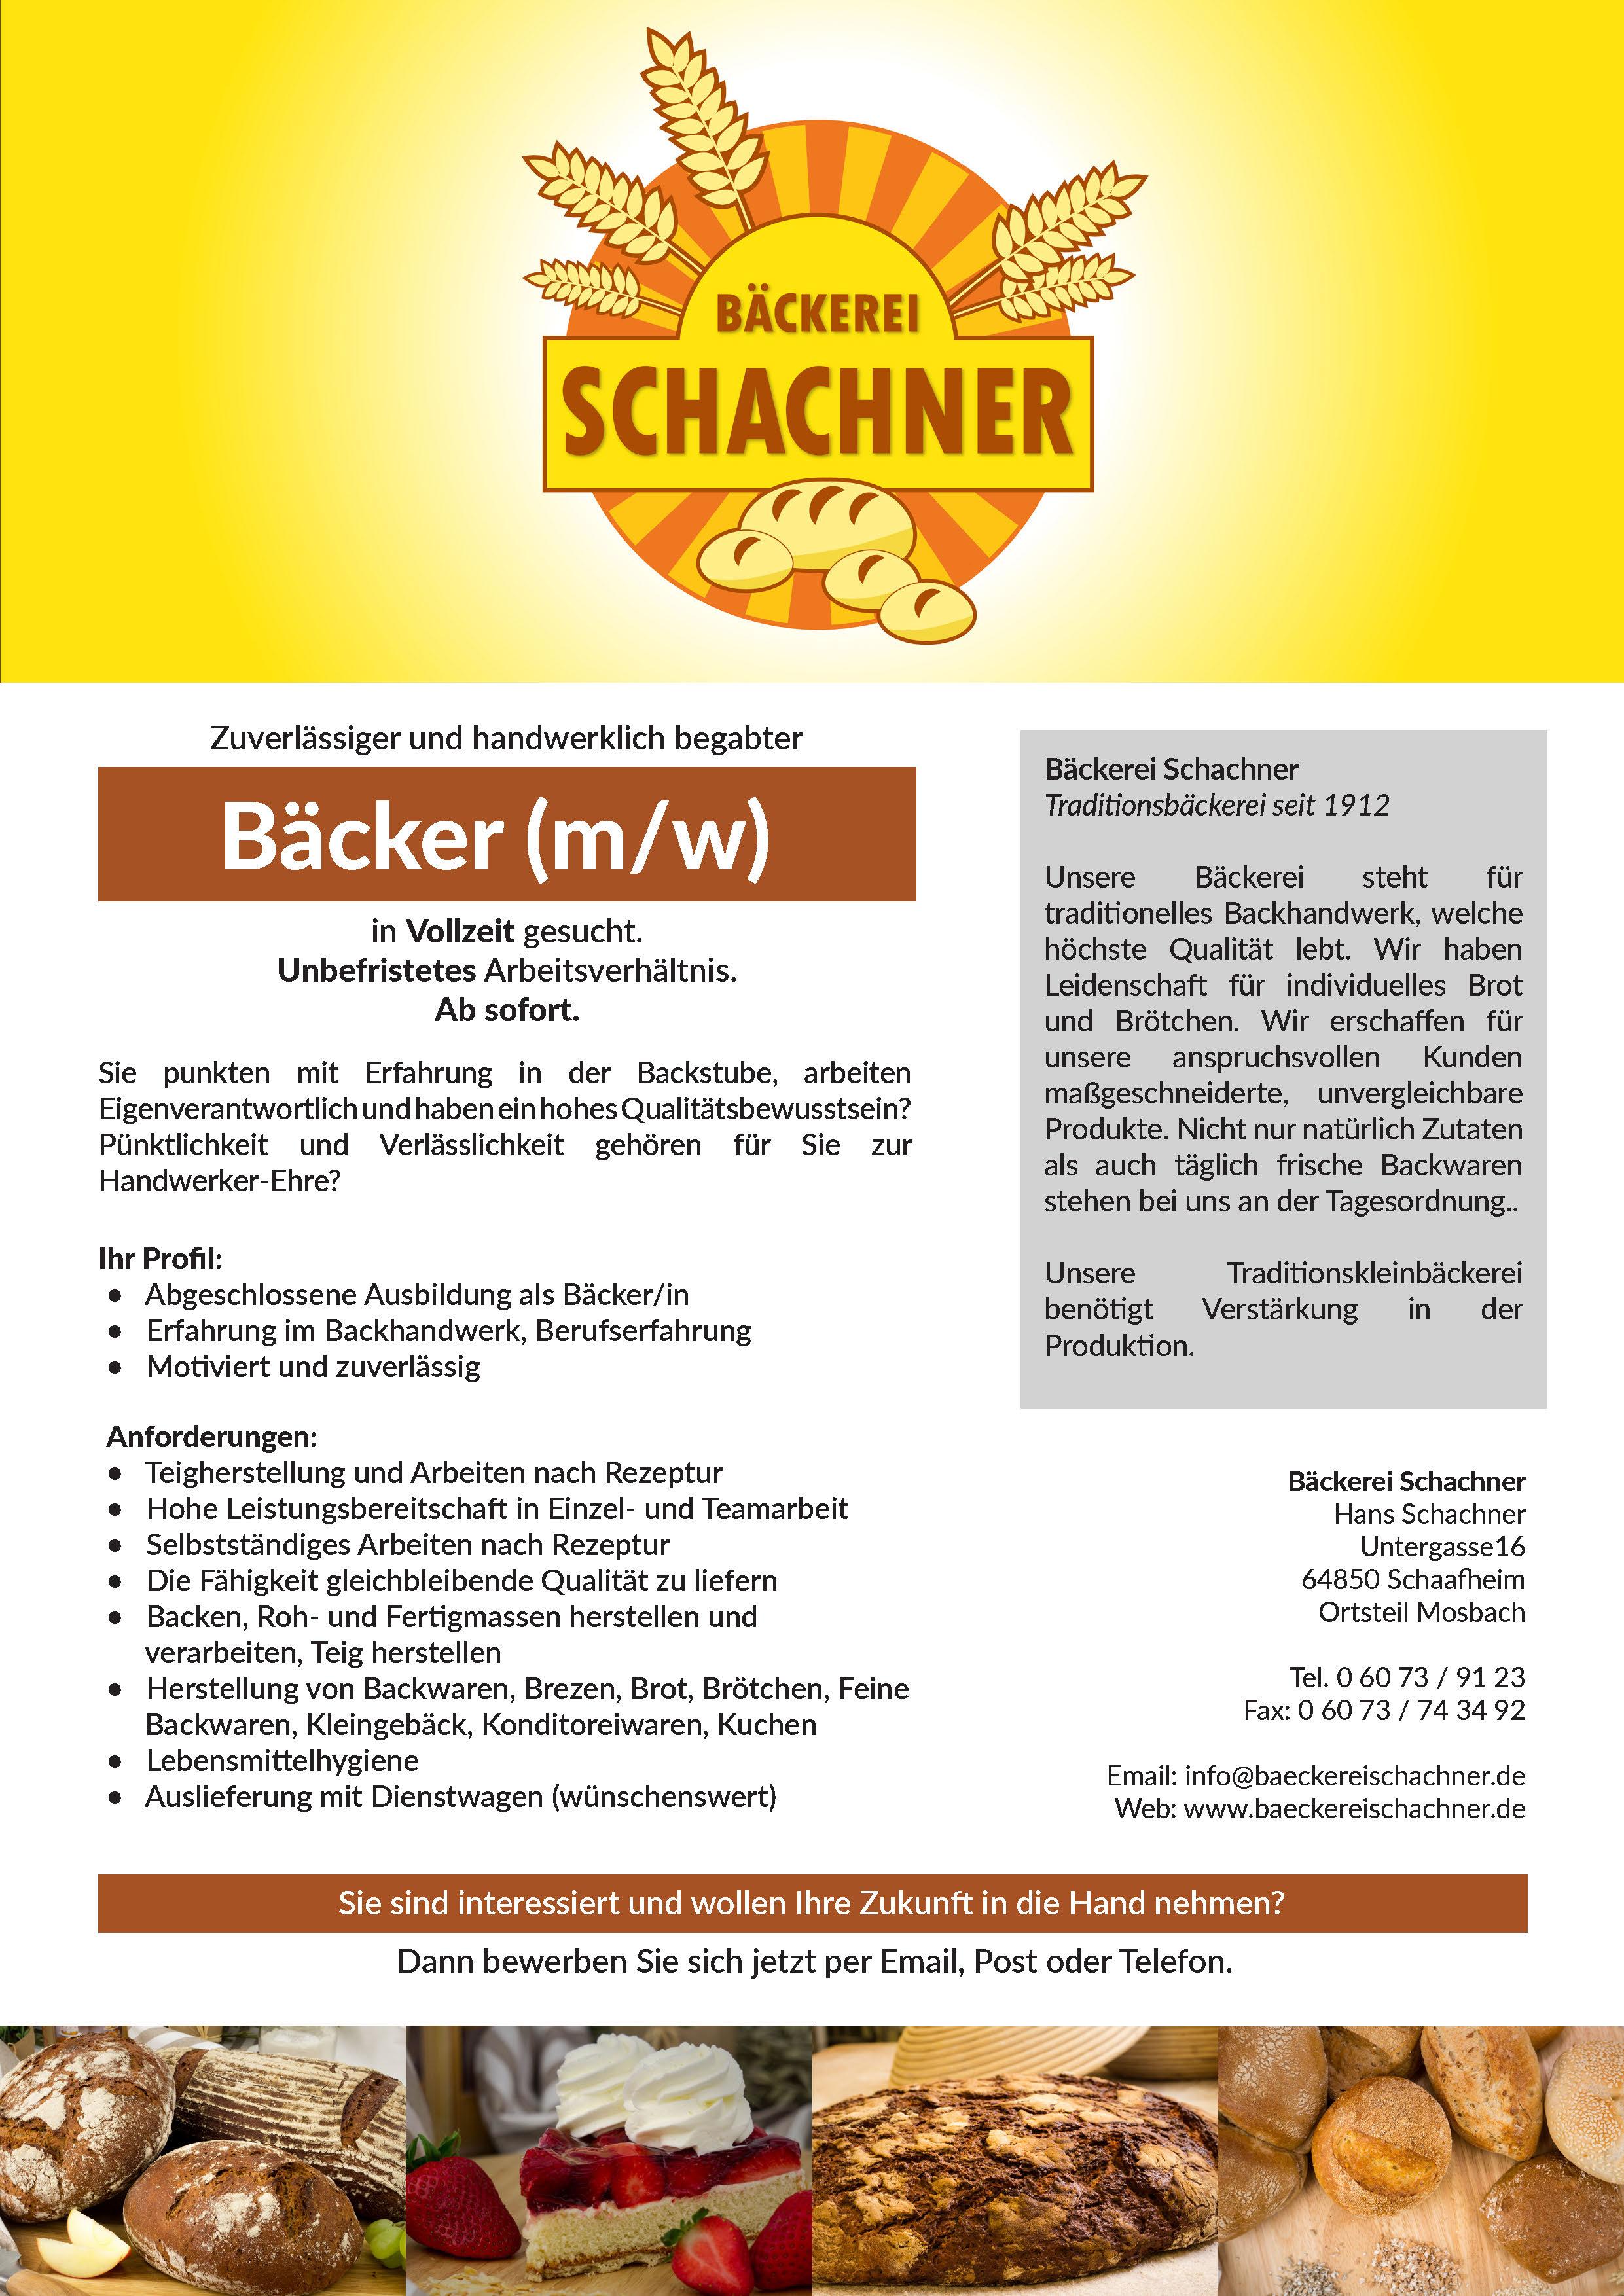 Café Bäckerei Schachner Schaafheim Frühstück Eis Feierlichkeit Trauerfeier